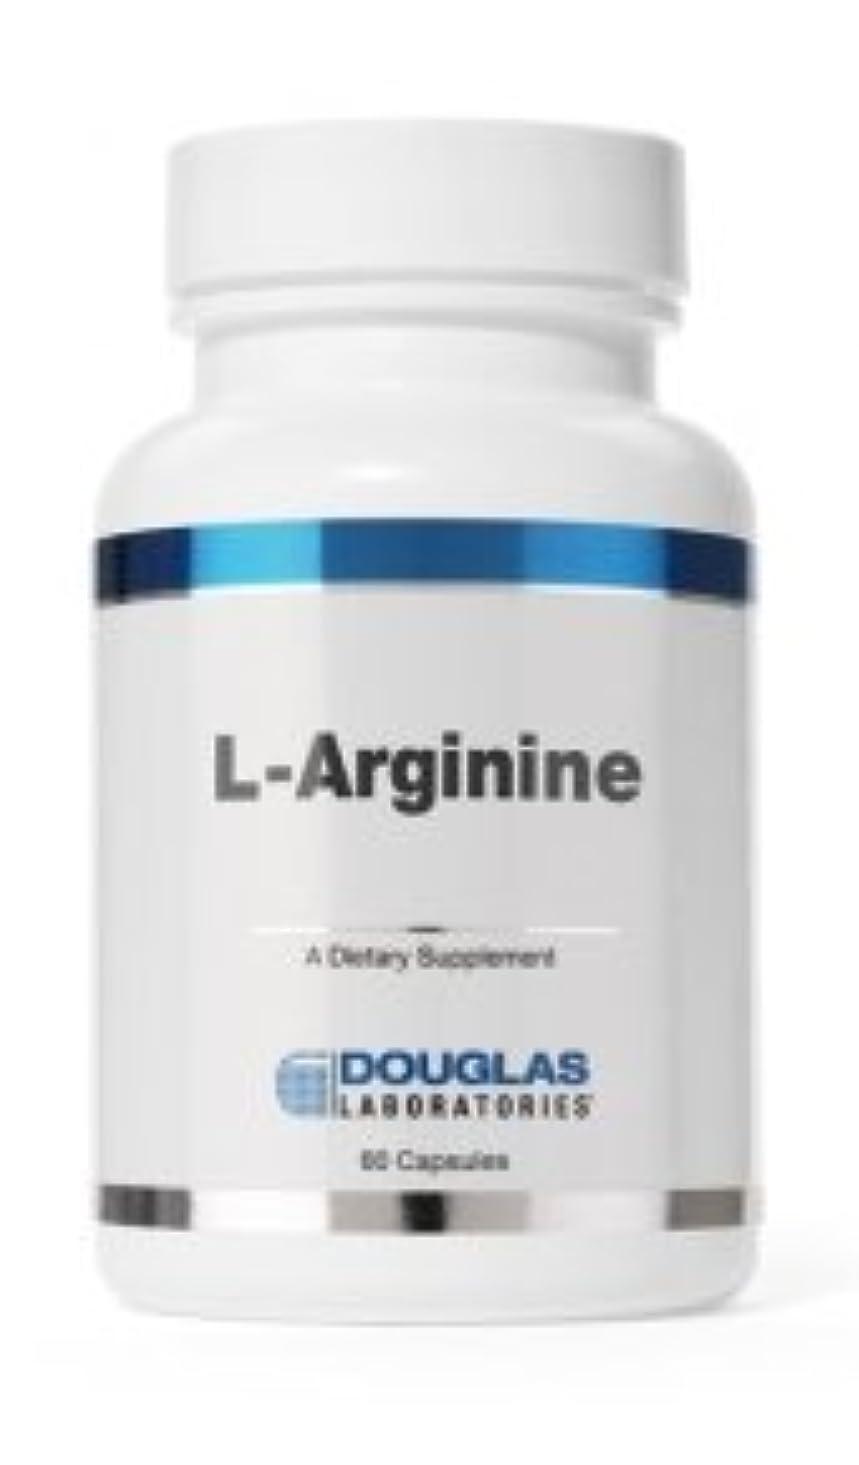 教えて疑問に思ういつダグラスラボラトリーズ L-アルギニン 60粒/約60日分